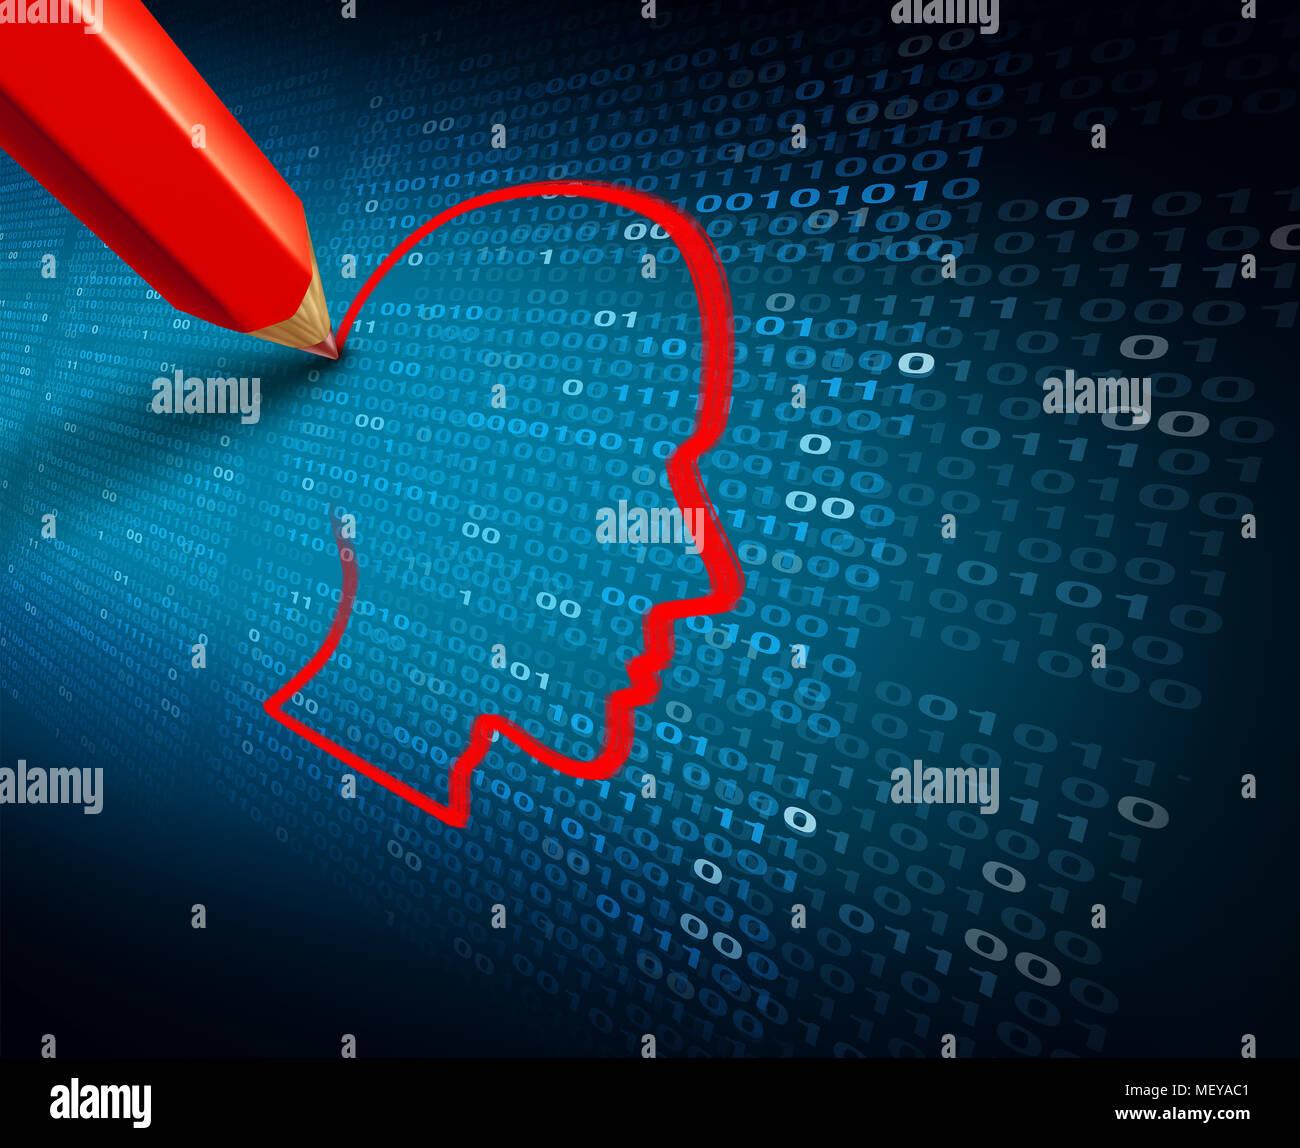 L'hameçonnage et vol de données privées hack et les renseignements personnels en tant que en tant que la cybercriminalité ou cyber crime social media concept de sécurité. Photo Stock